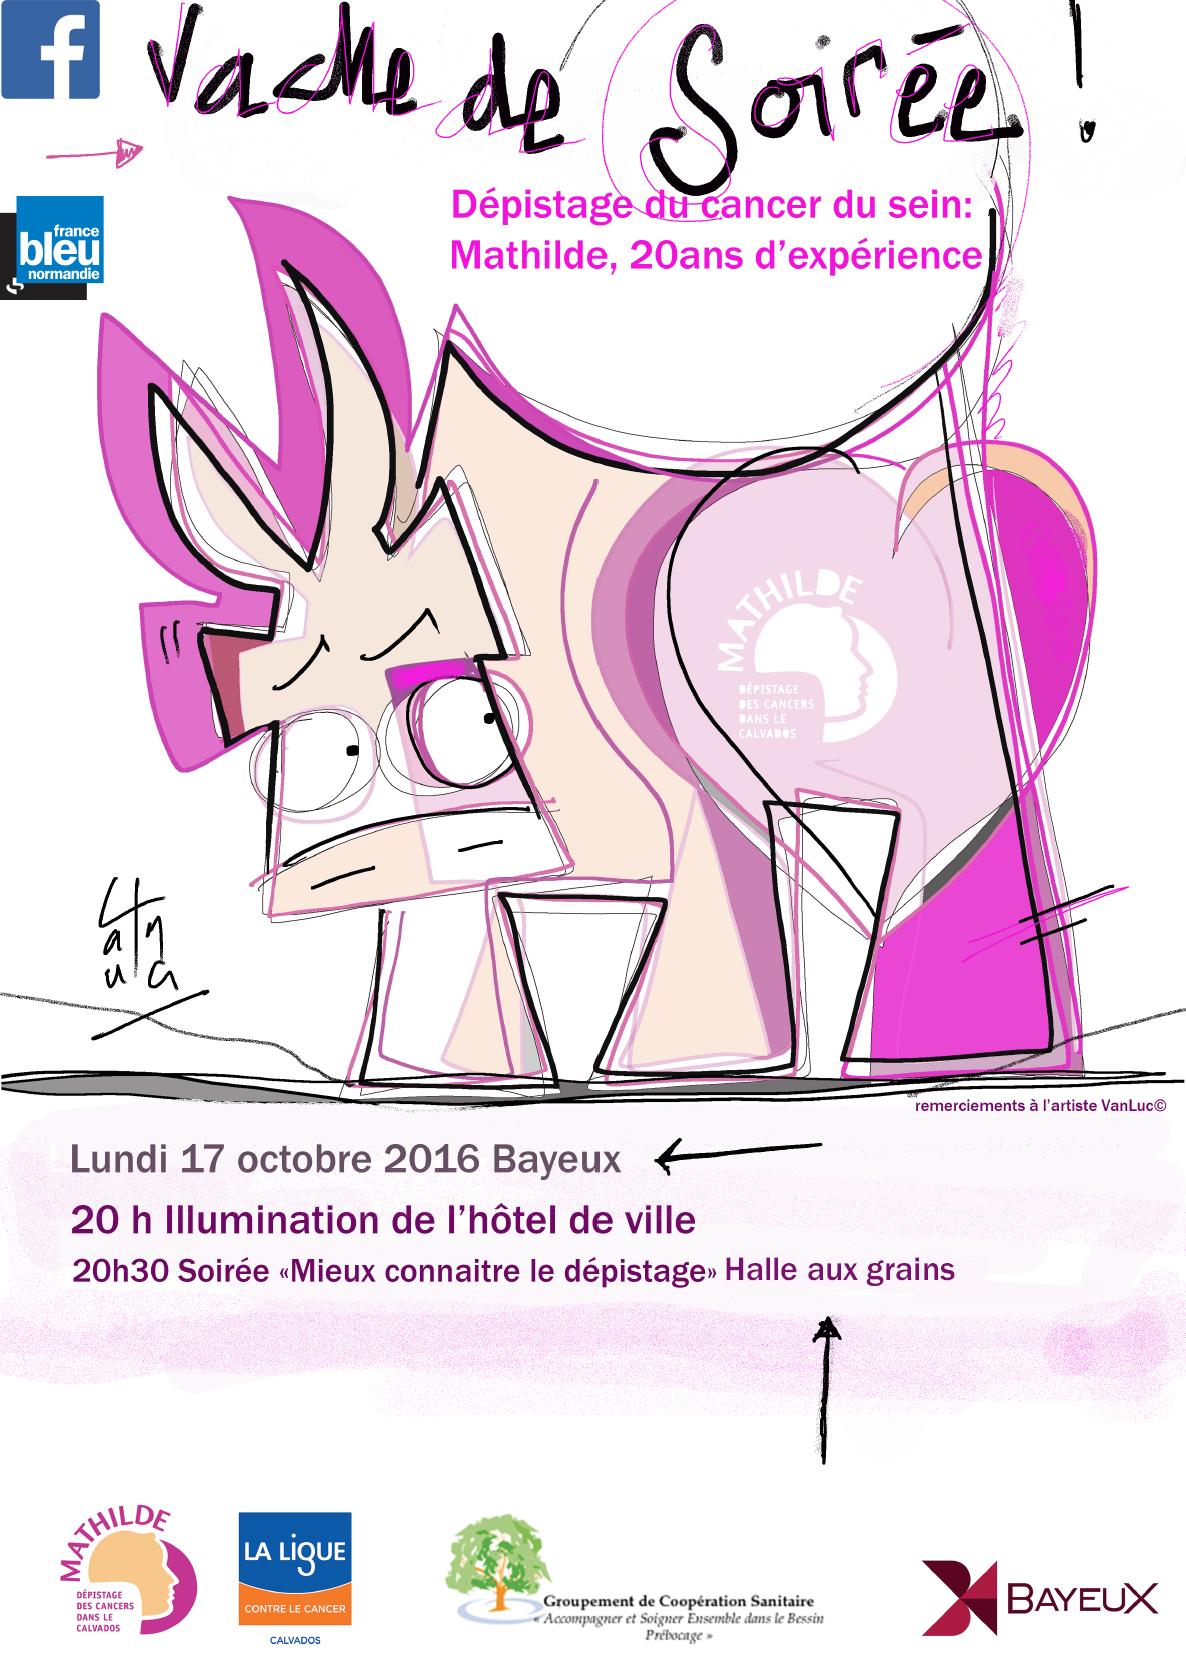 17/10/2016 : SOIREE A BAYEUX POUR LES 20 ANS DE MATHILDE !!!